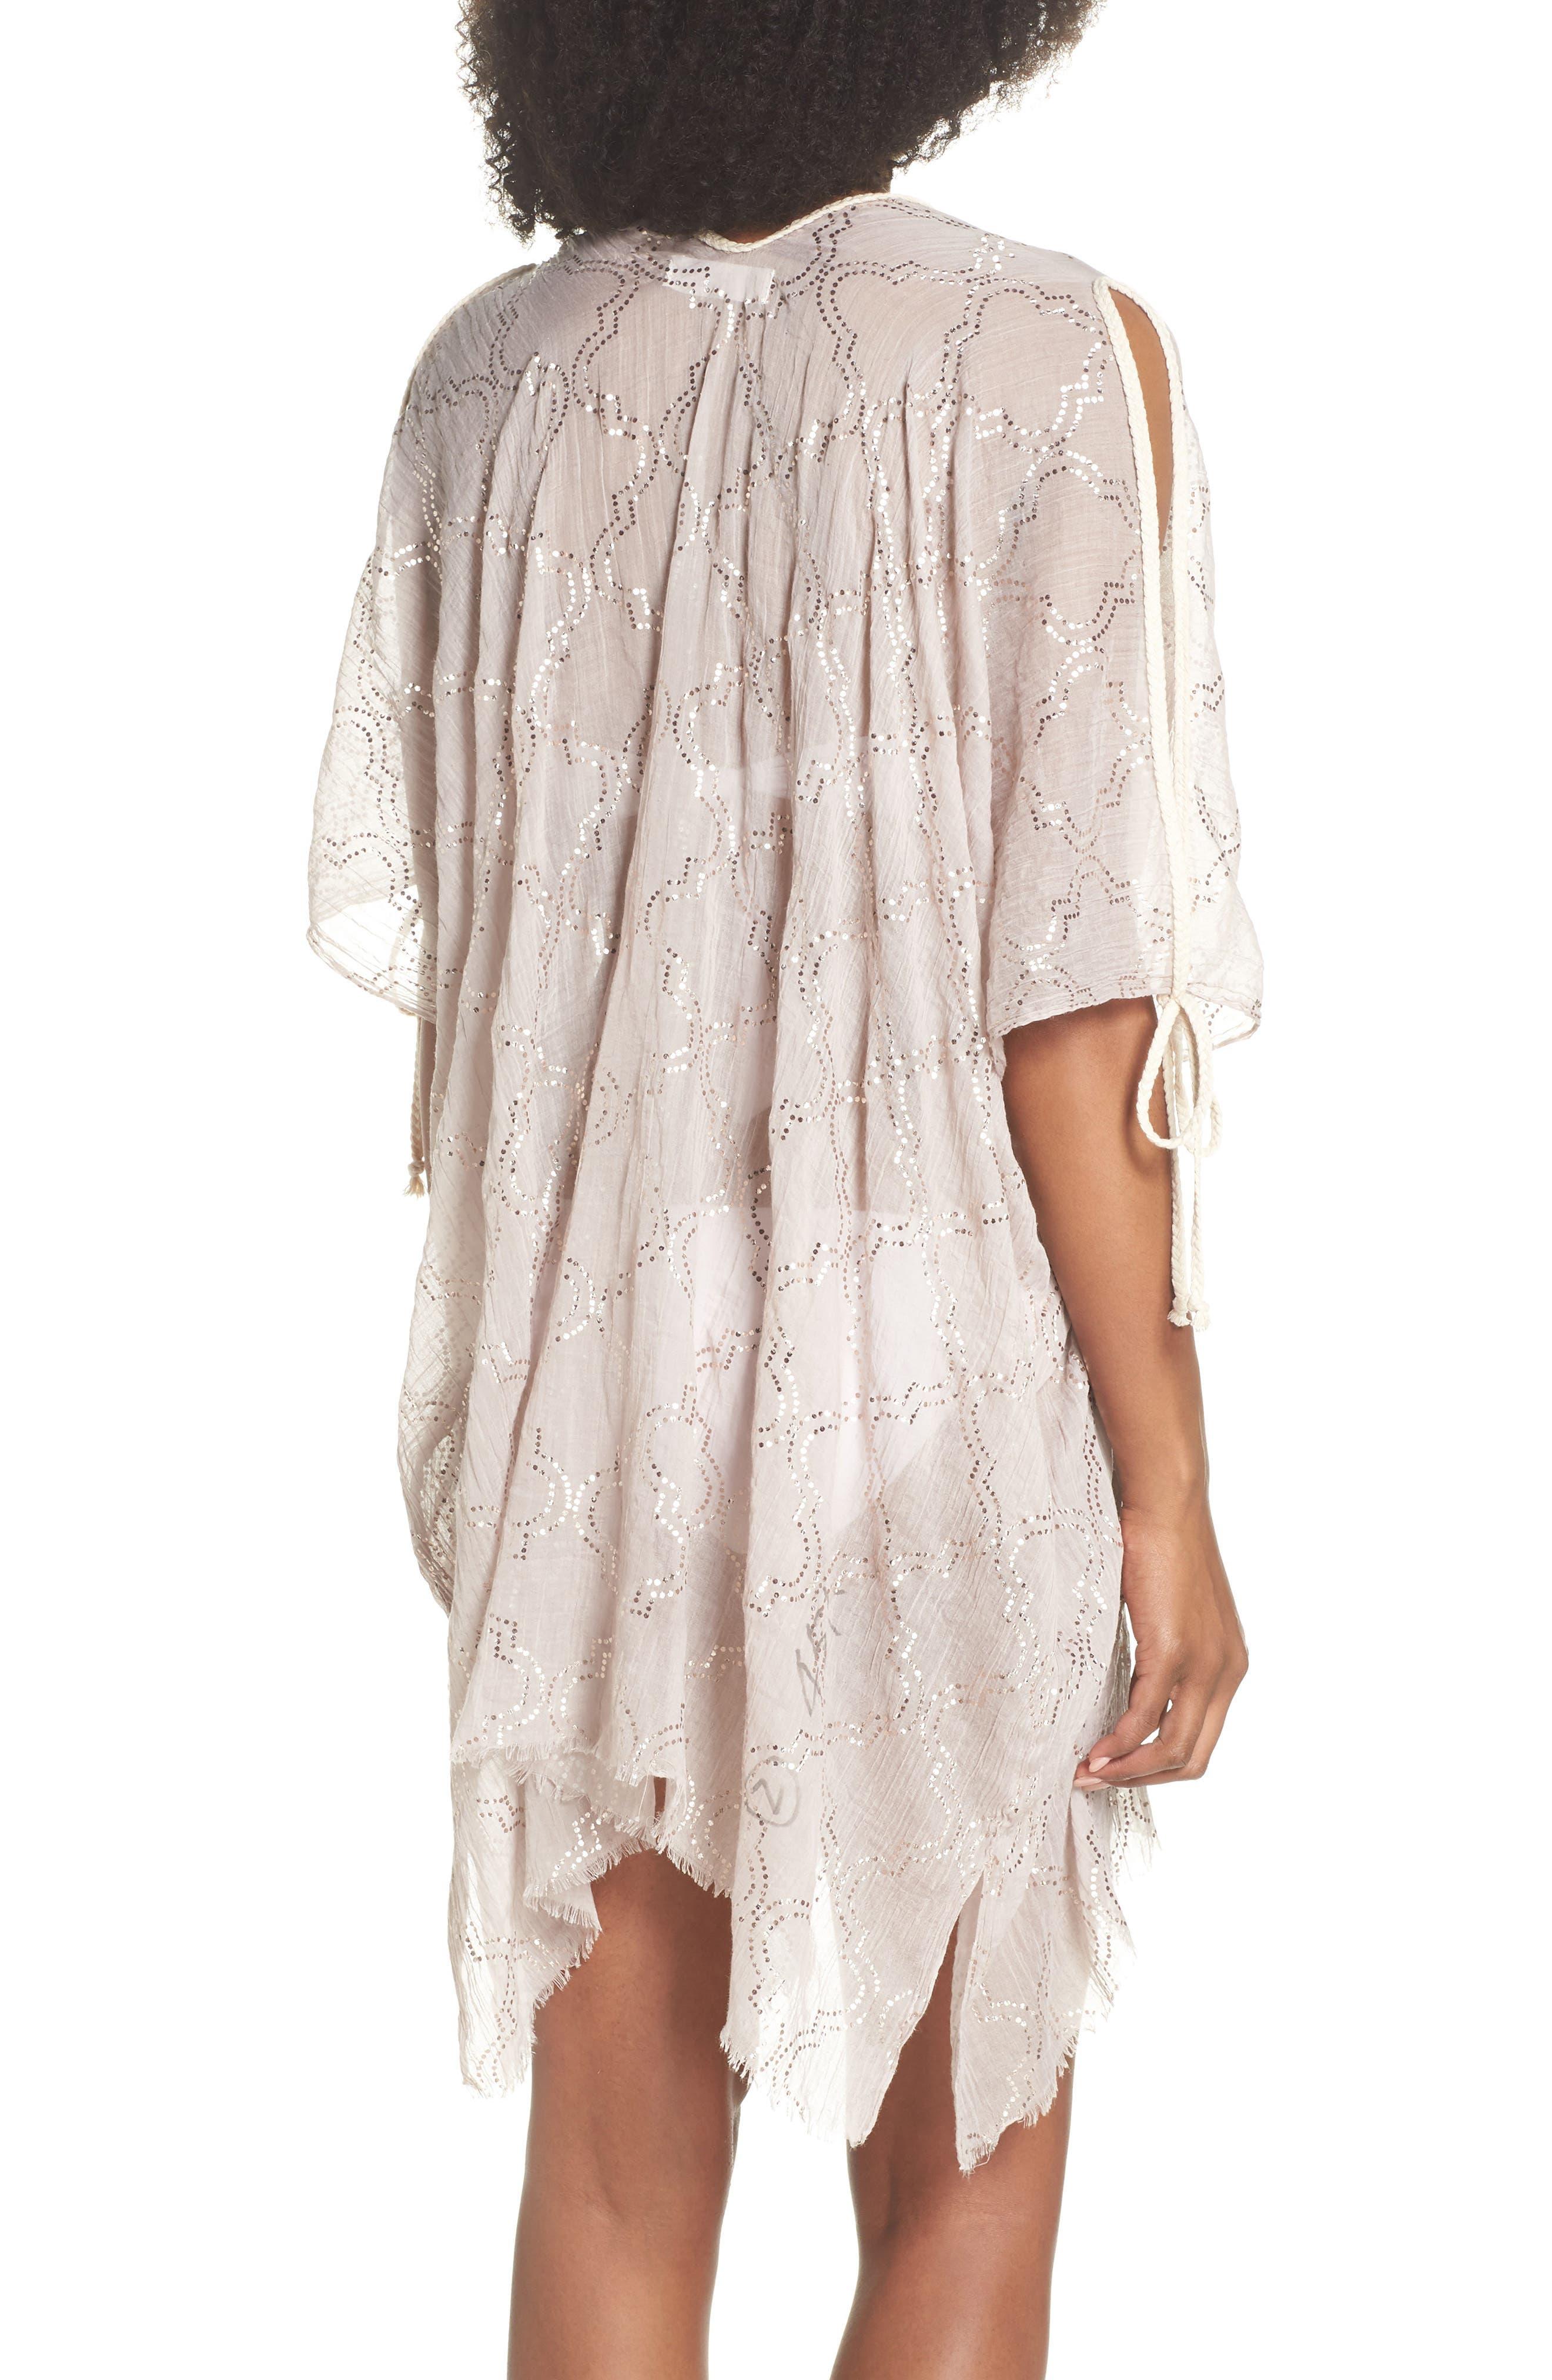 Cold Shoulder Cover-Up Dress,                             Alternate thumbnail 2, color,                             Sand